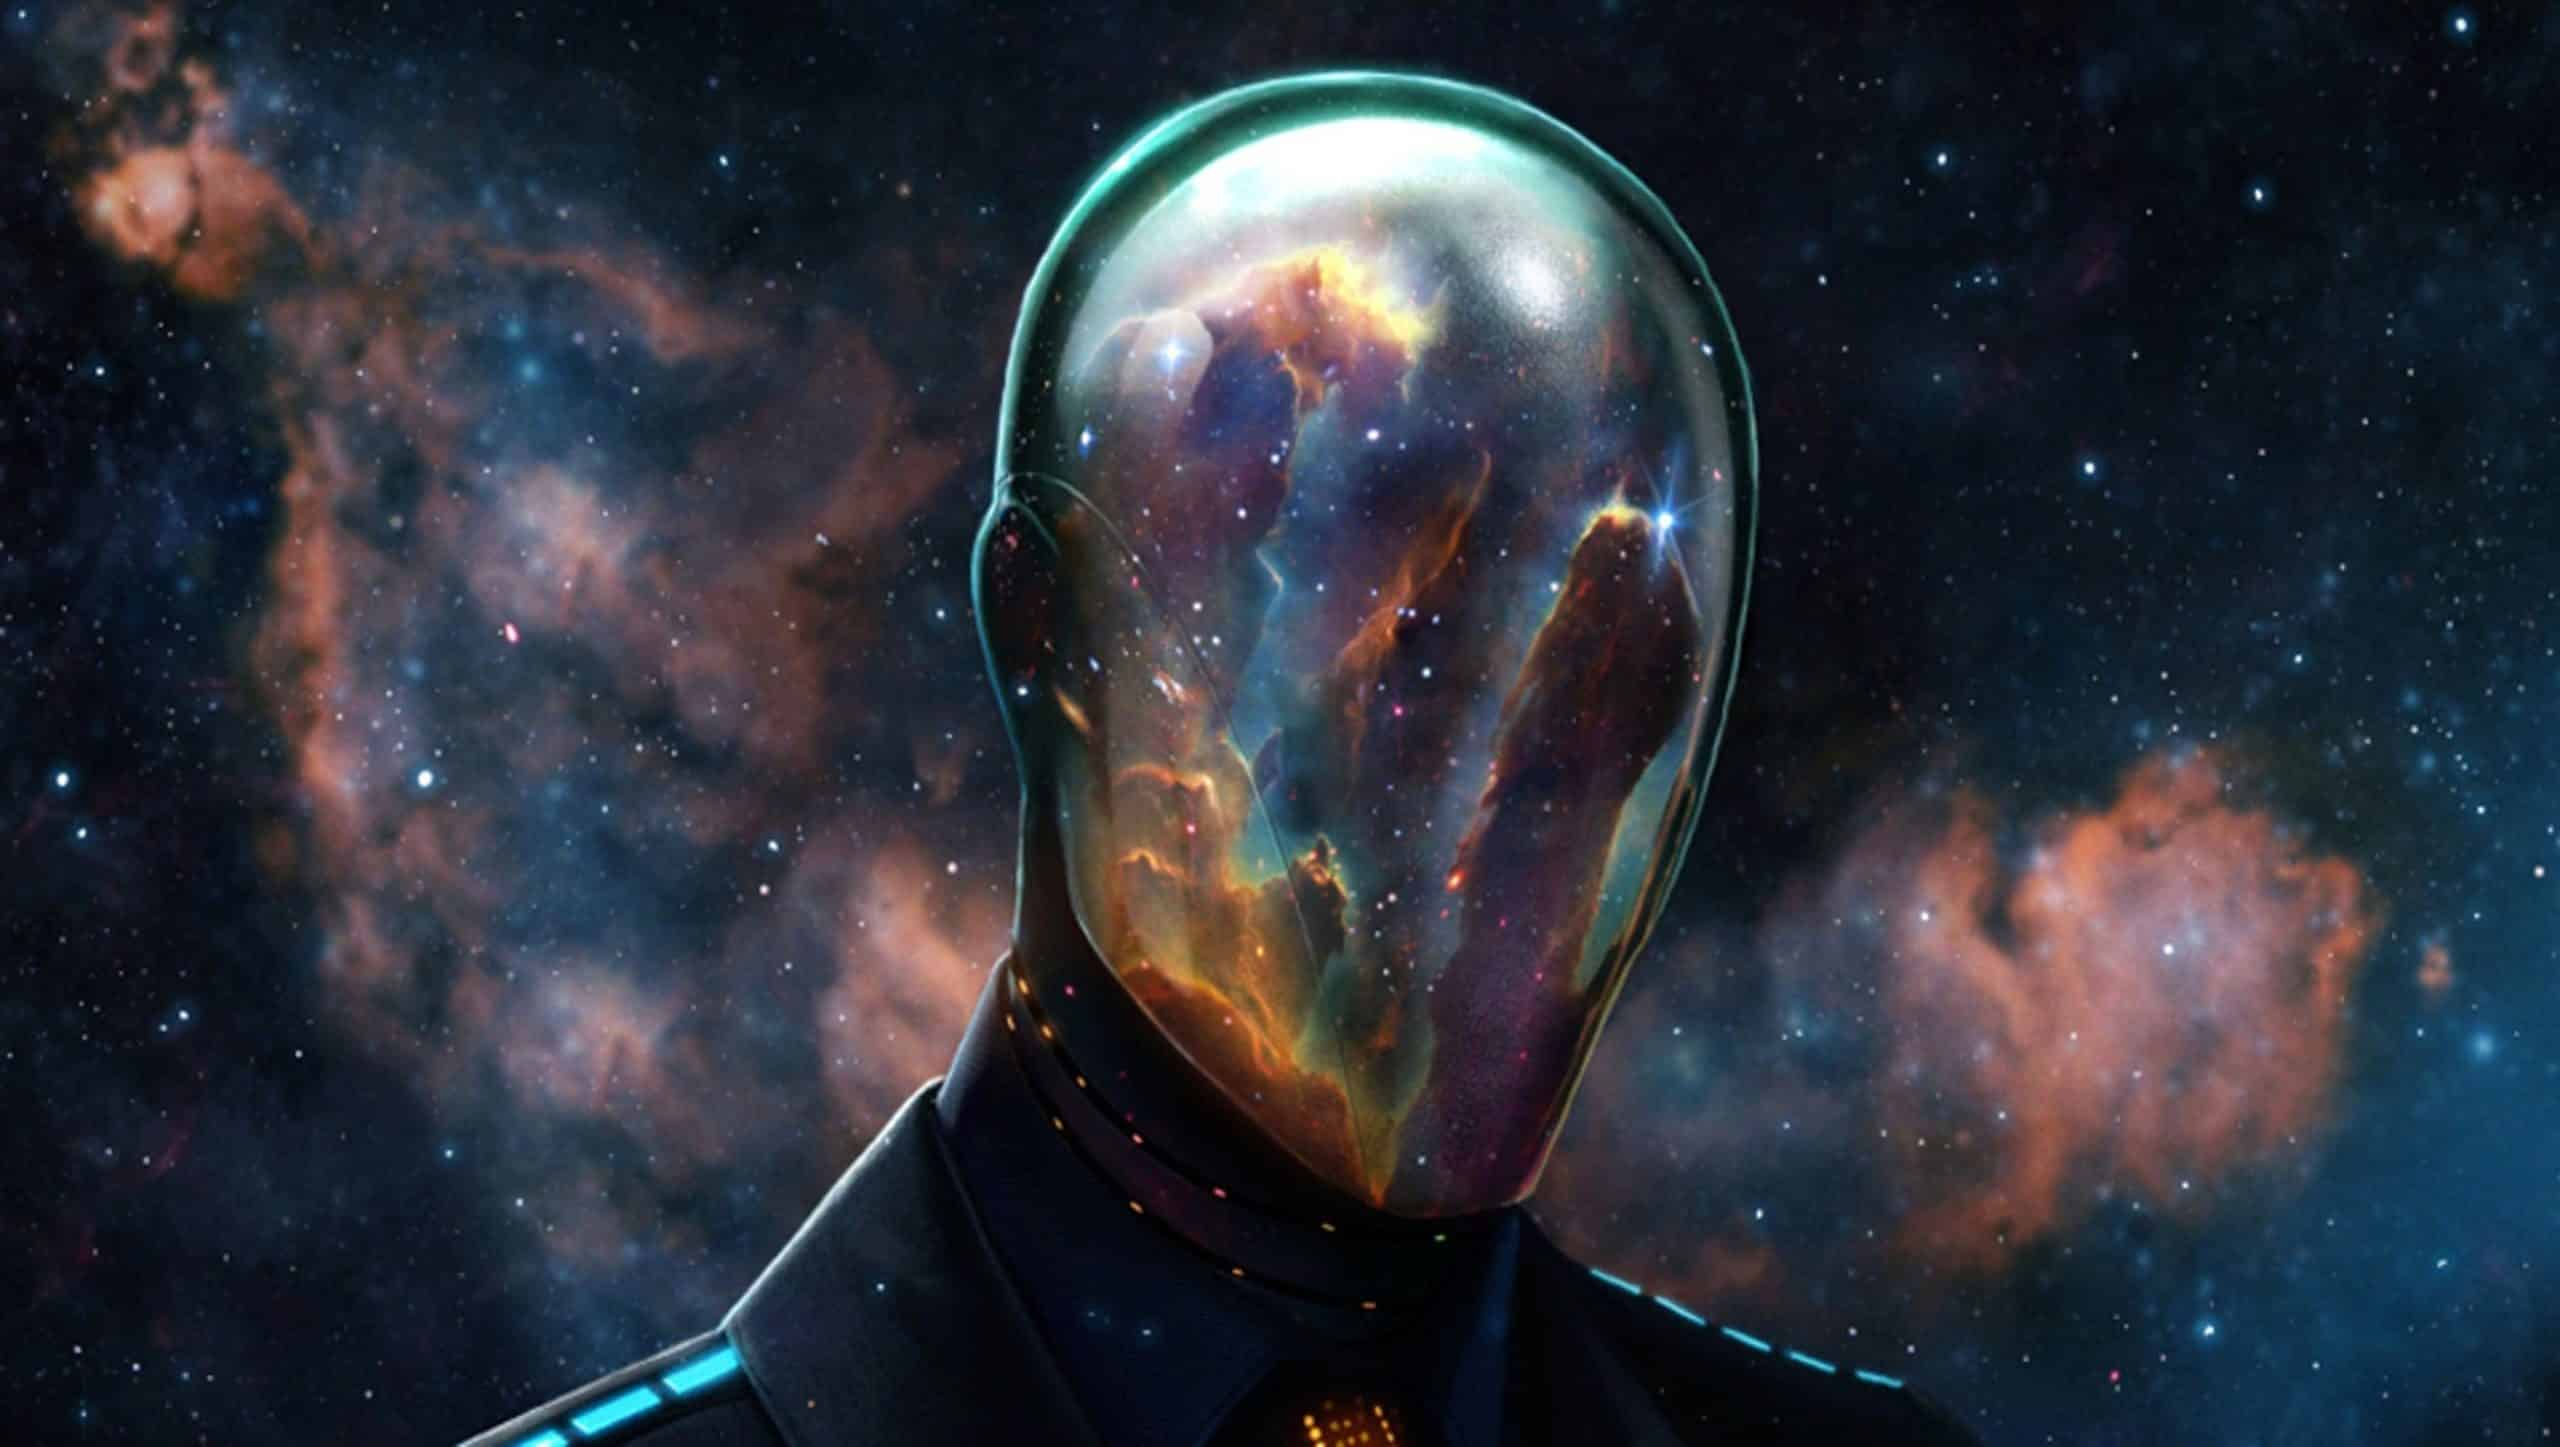 Cientificos confirman que el universo es un holograma 10